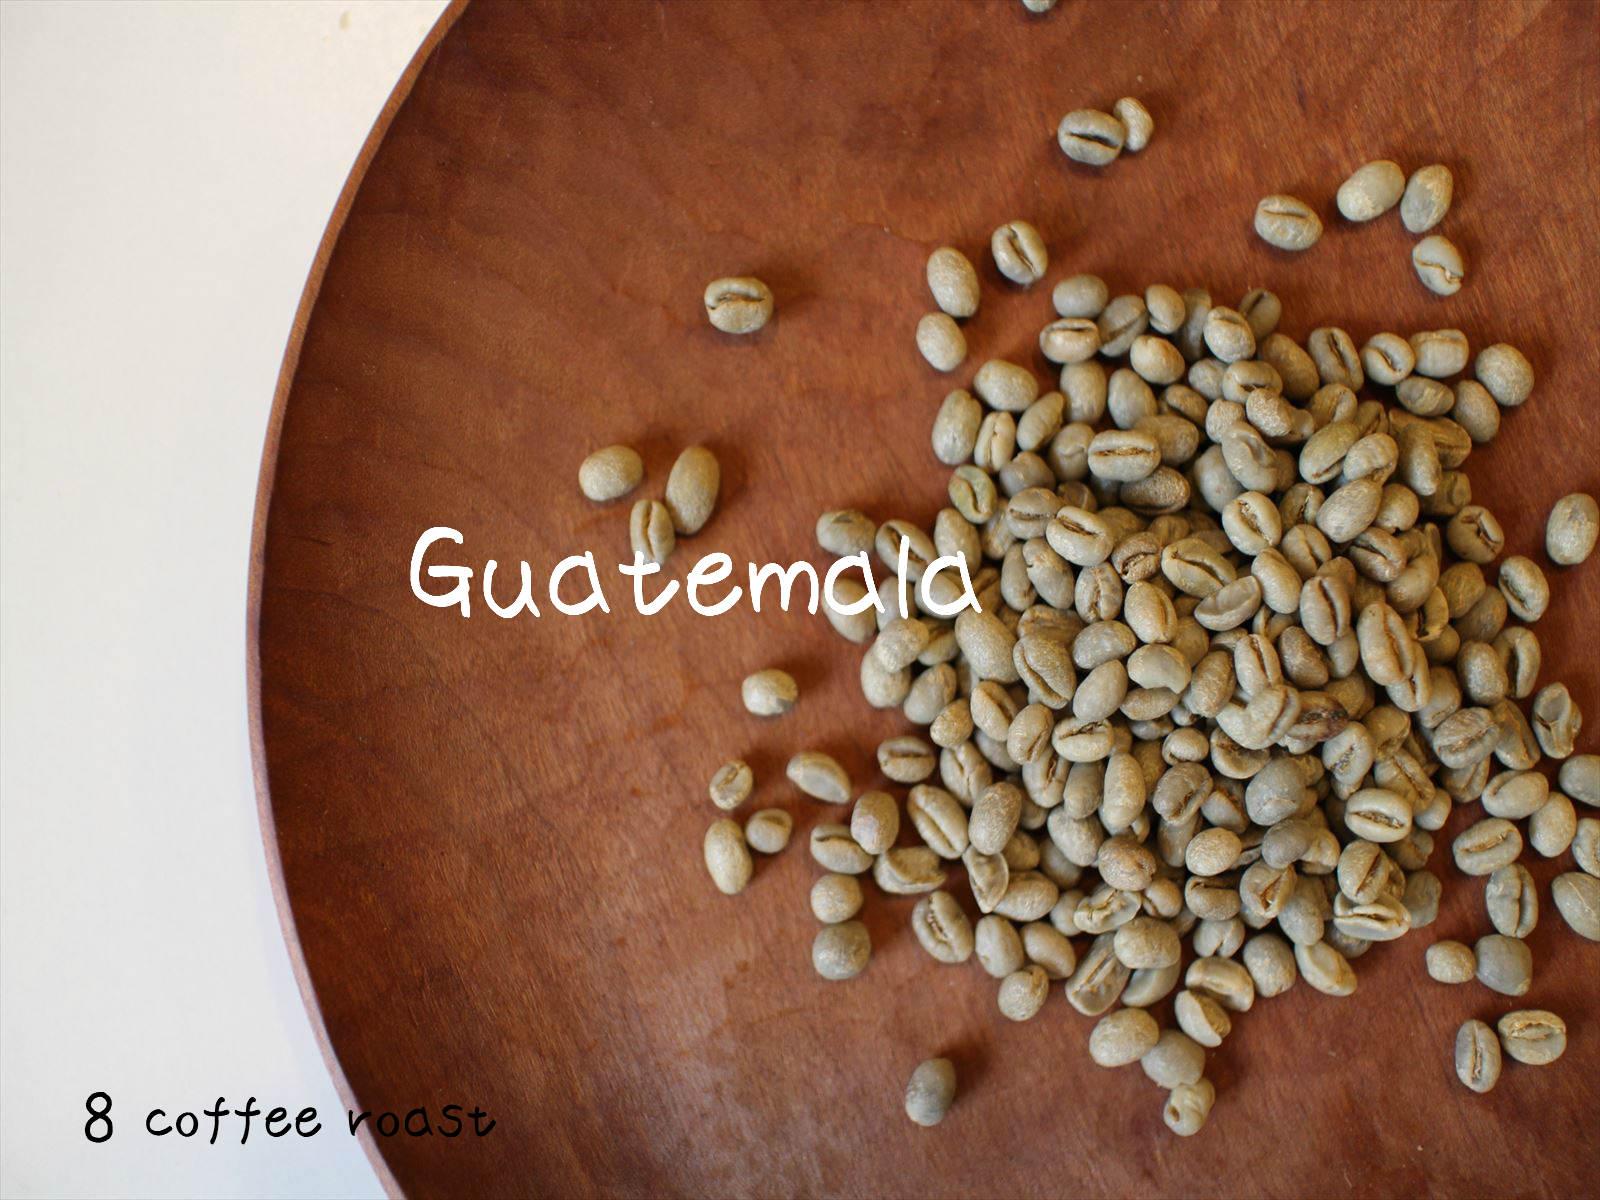 コーヒー生豆 国内正規総代理店アイテム グァテマラ アンティグア ピーベリー 舗 内容量 50g